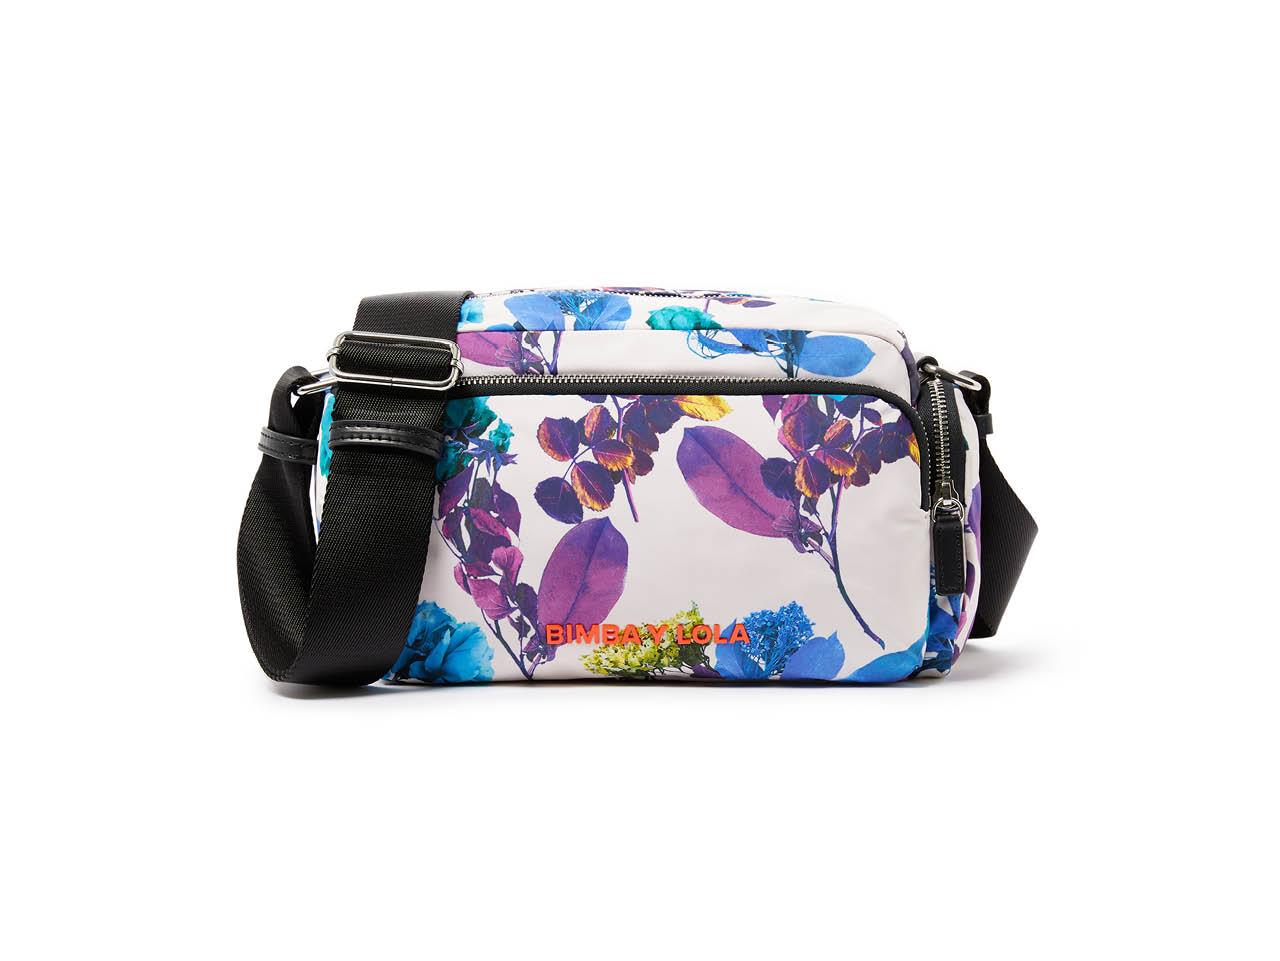 hermoso estilo brillante n color precio más bajo con Bolsos Bimba y Lola baratos: outlet, rebajas...